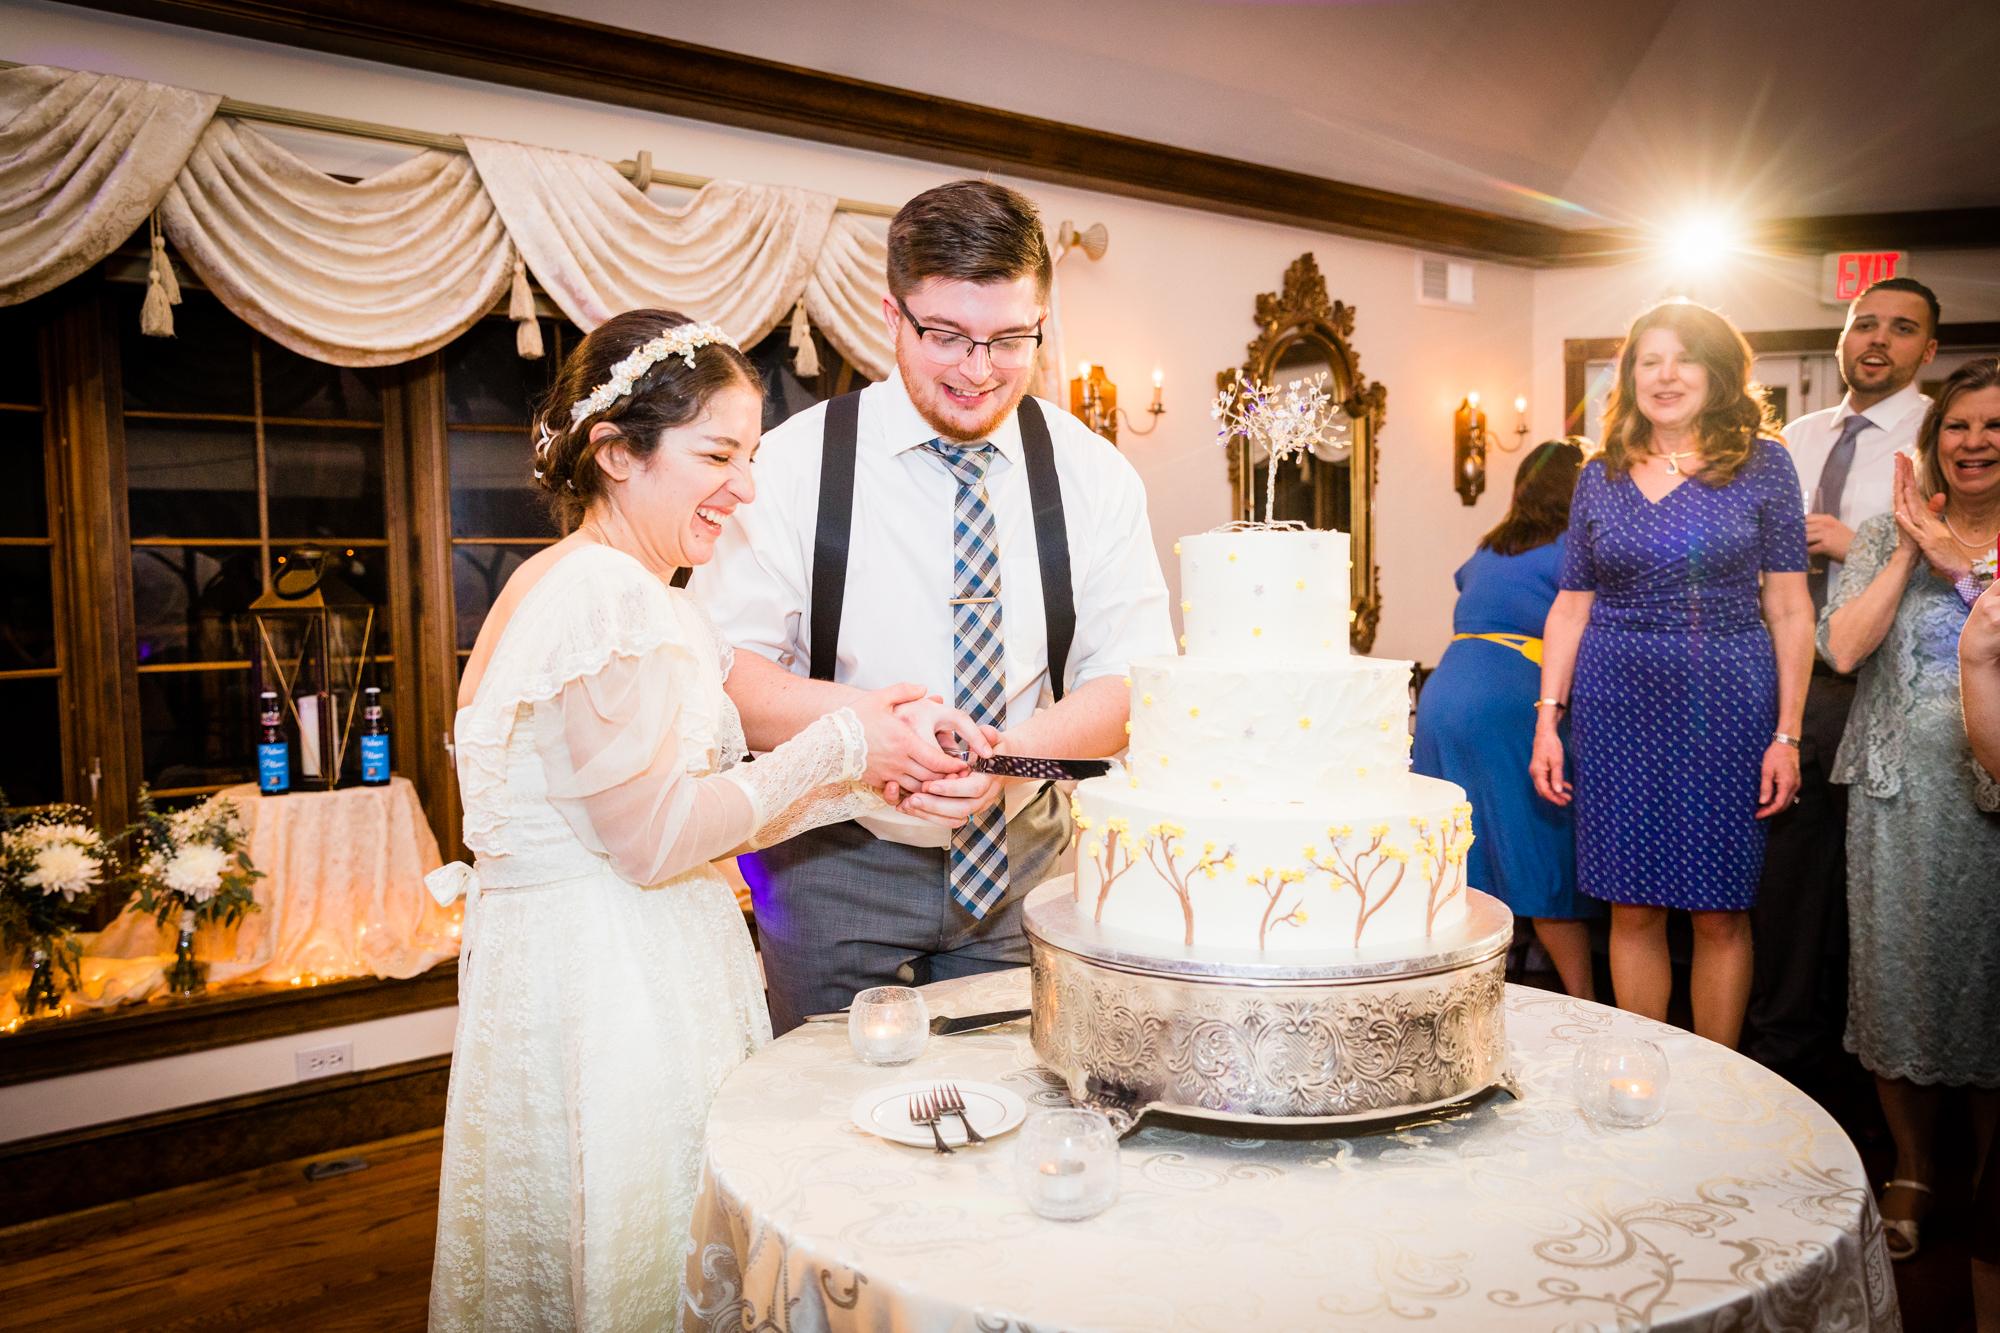 THE FARMHOUSE DE WEDDING PHOTOGRAPHY-105.jpg